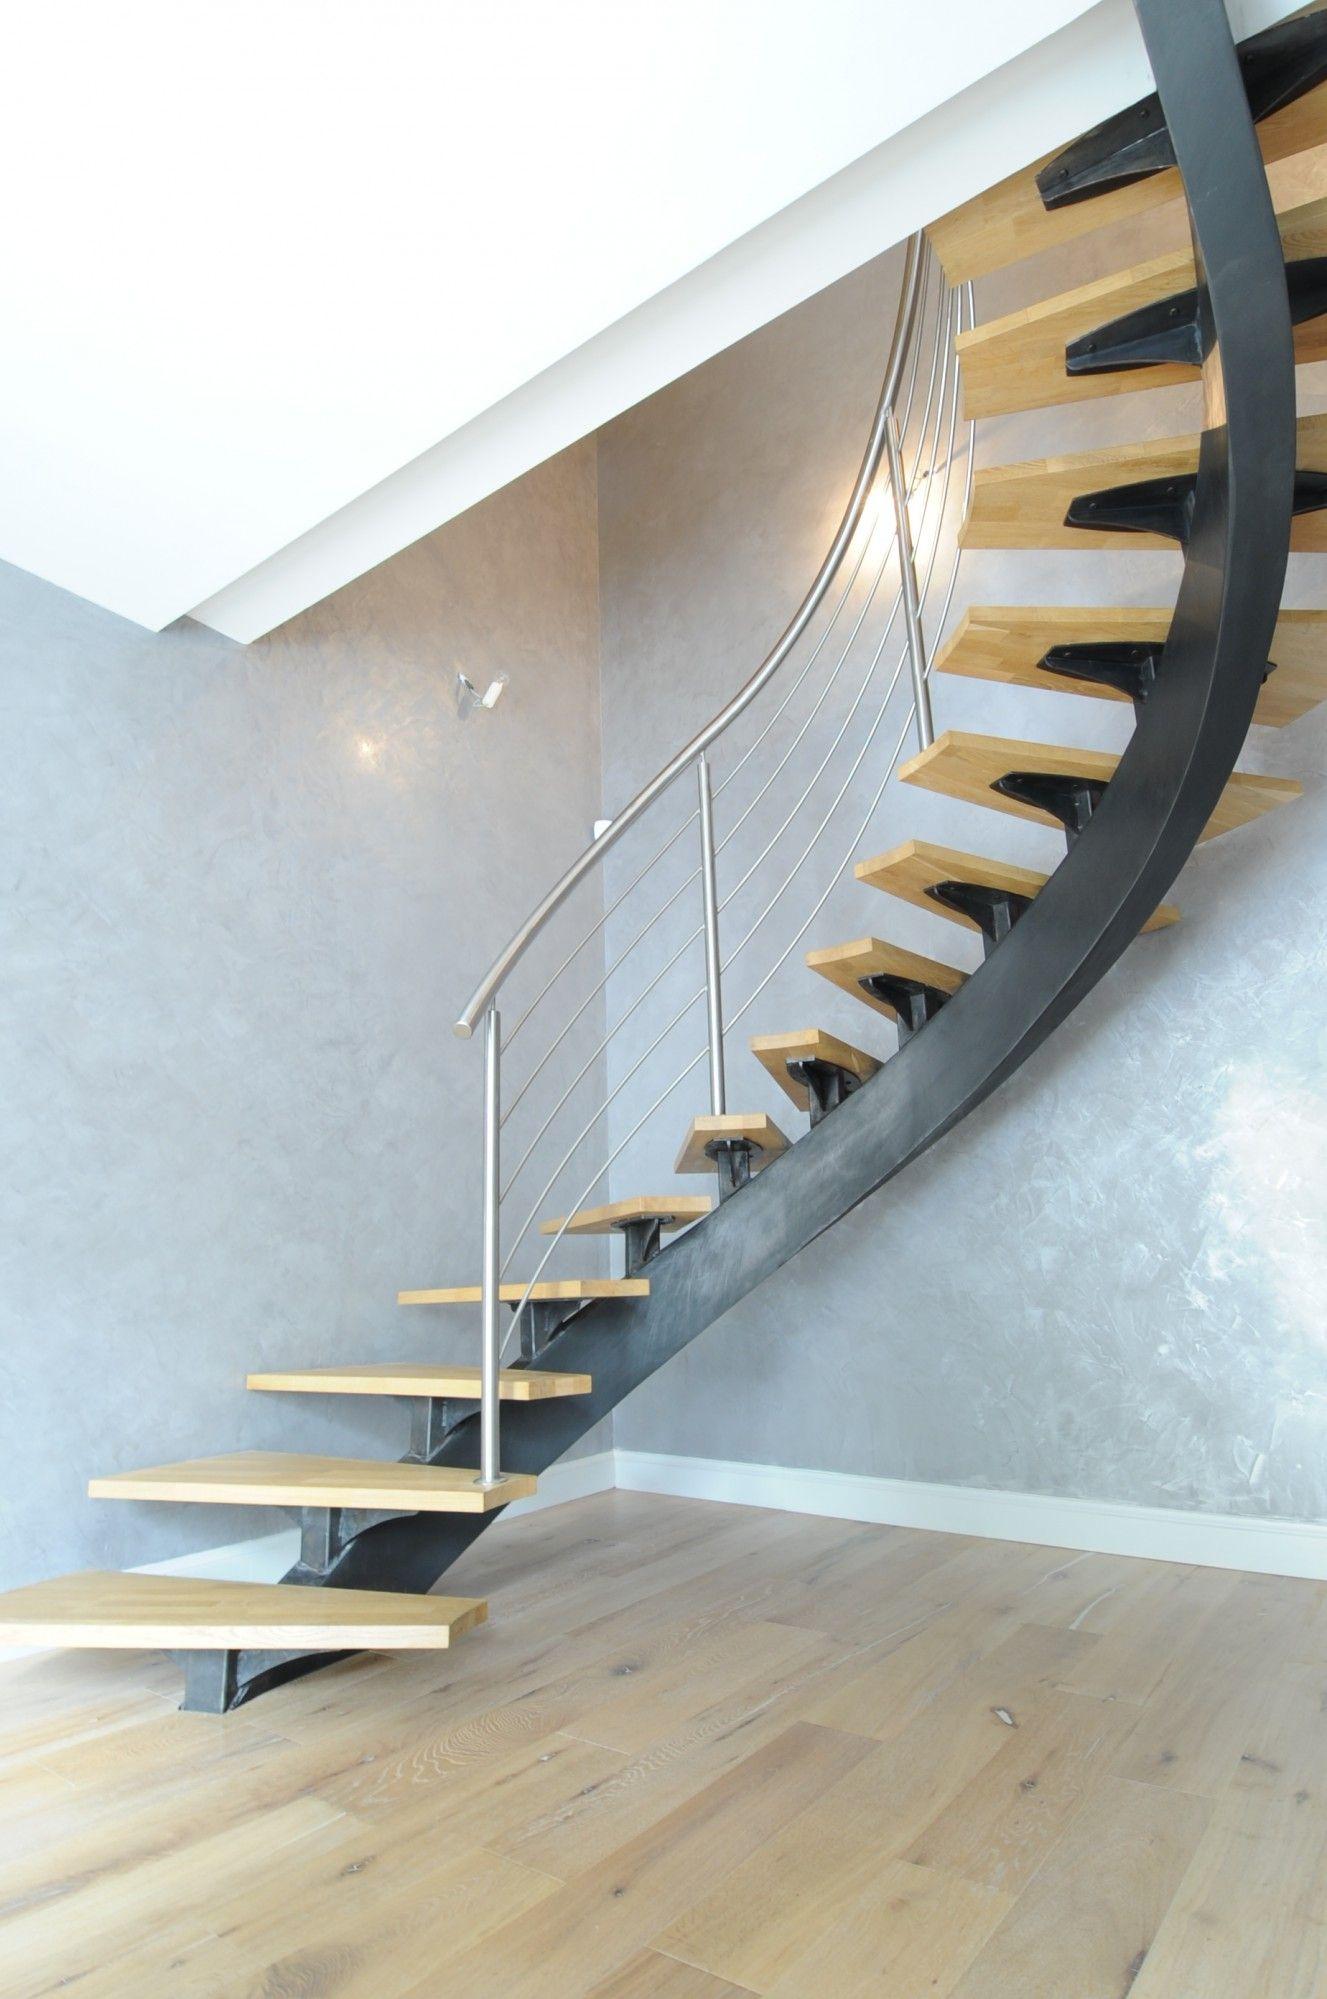 escalier escalier limon central acier elliptique marche h tre rampe inox stair stairs. Black Bedroom Furniture Sets. Home Design Ideas